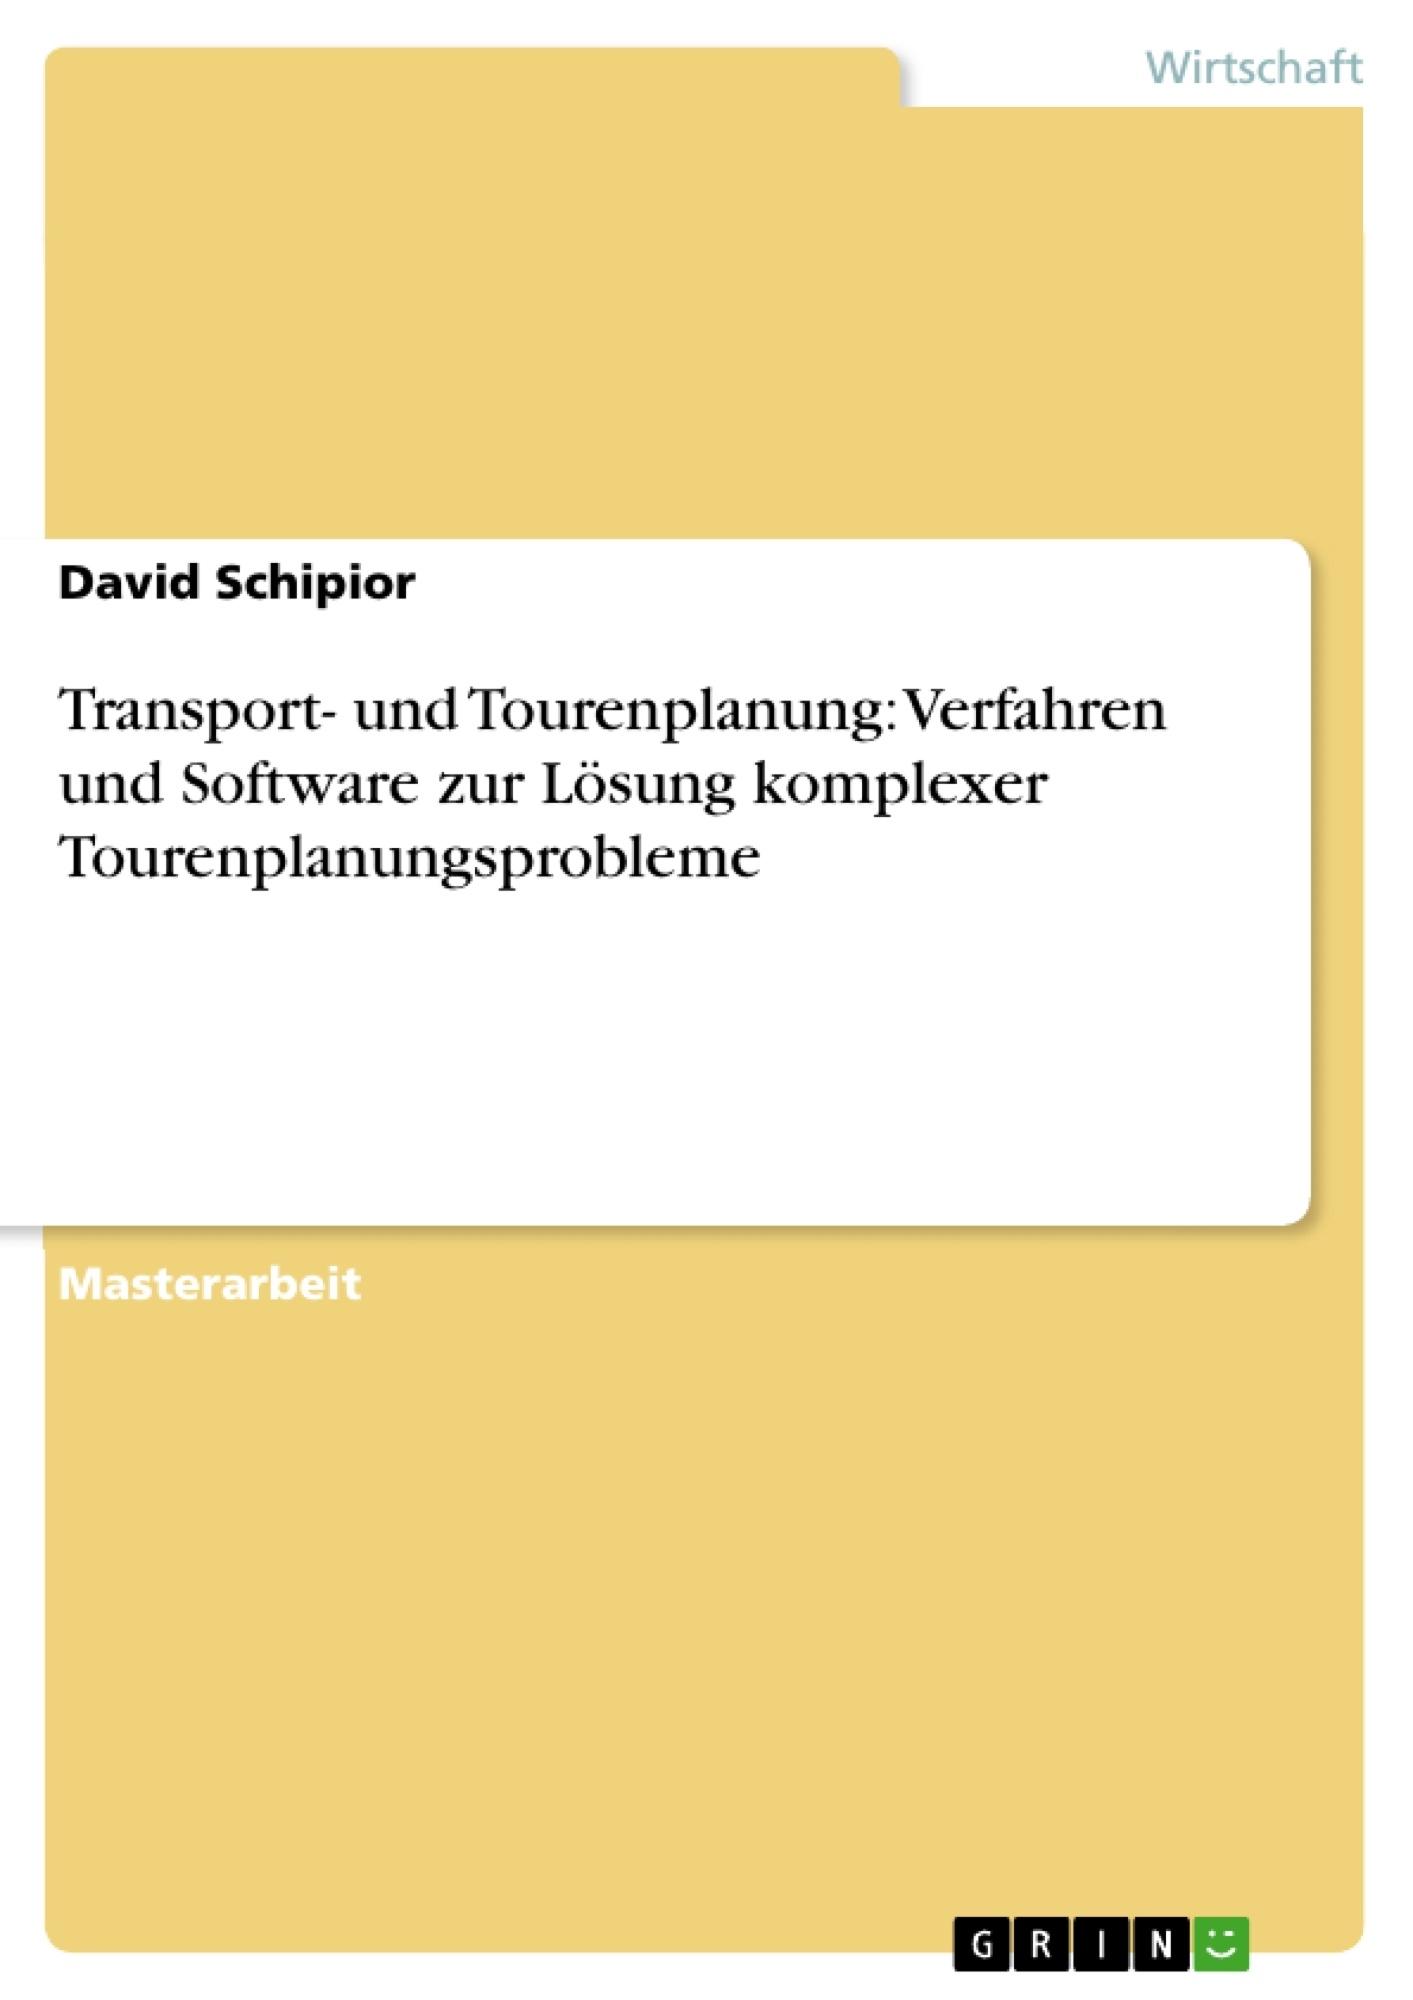 Titel: Transport- und Tourenplanung: Verfahren und Software zur Lösung komplexer Tourenplanungsprobleme